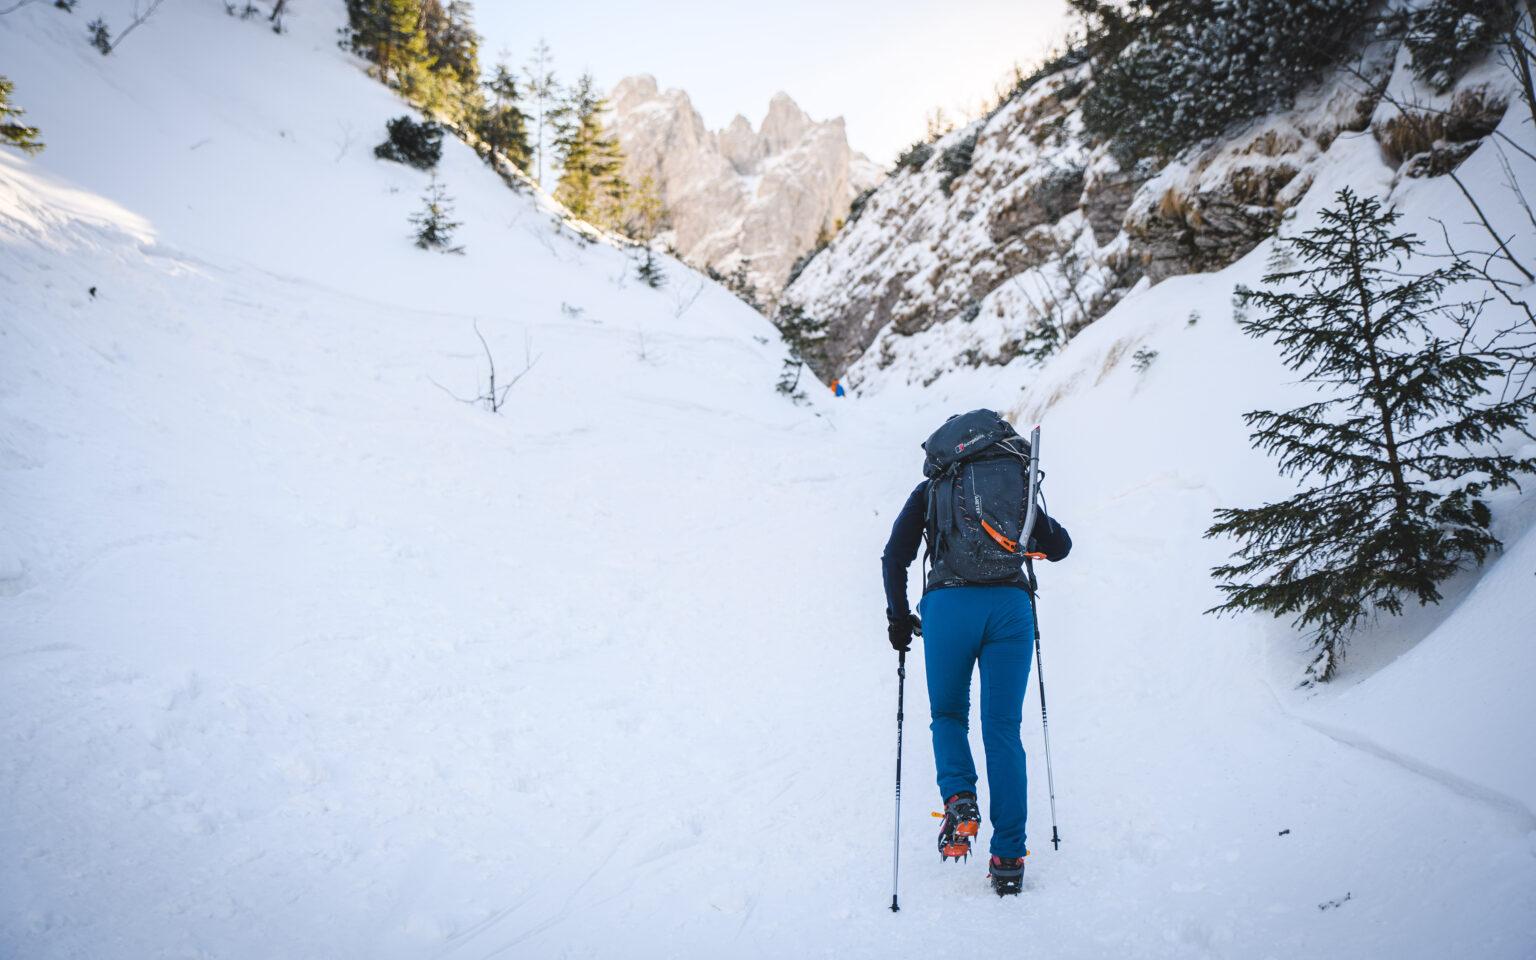 Turystka podchodzi Głazistym Żlebem na Czerwone Wierchy zimą